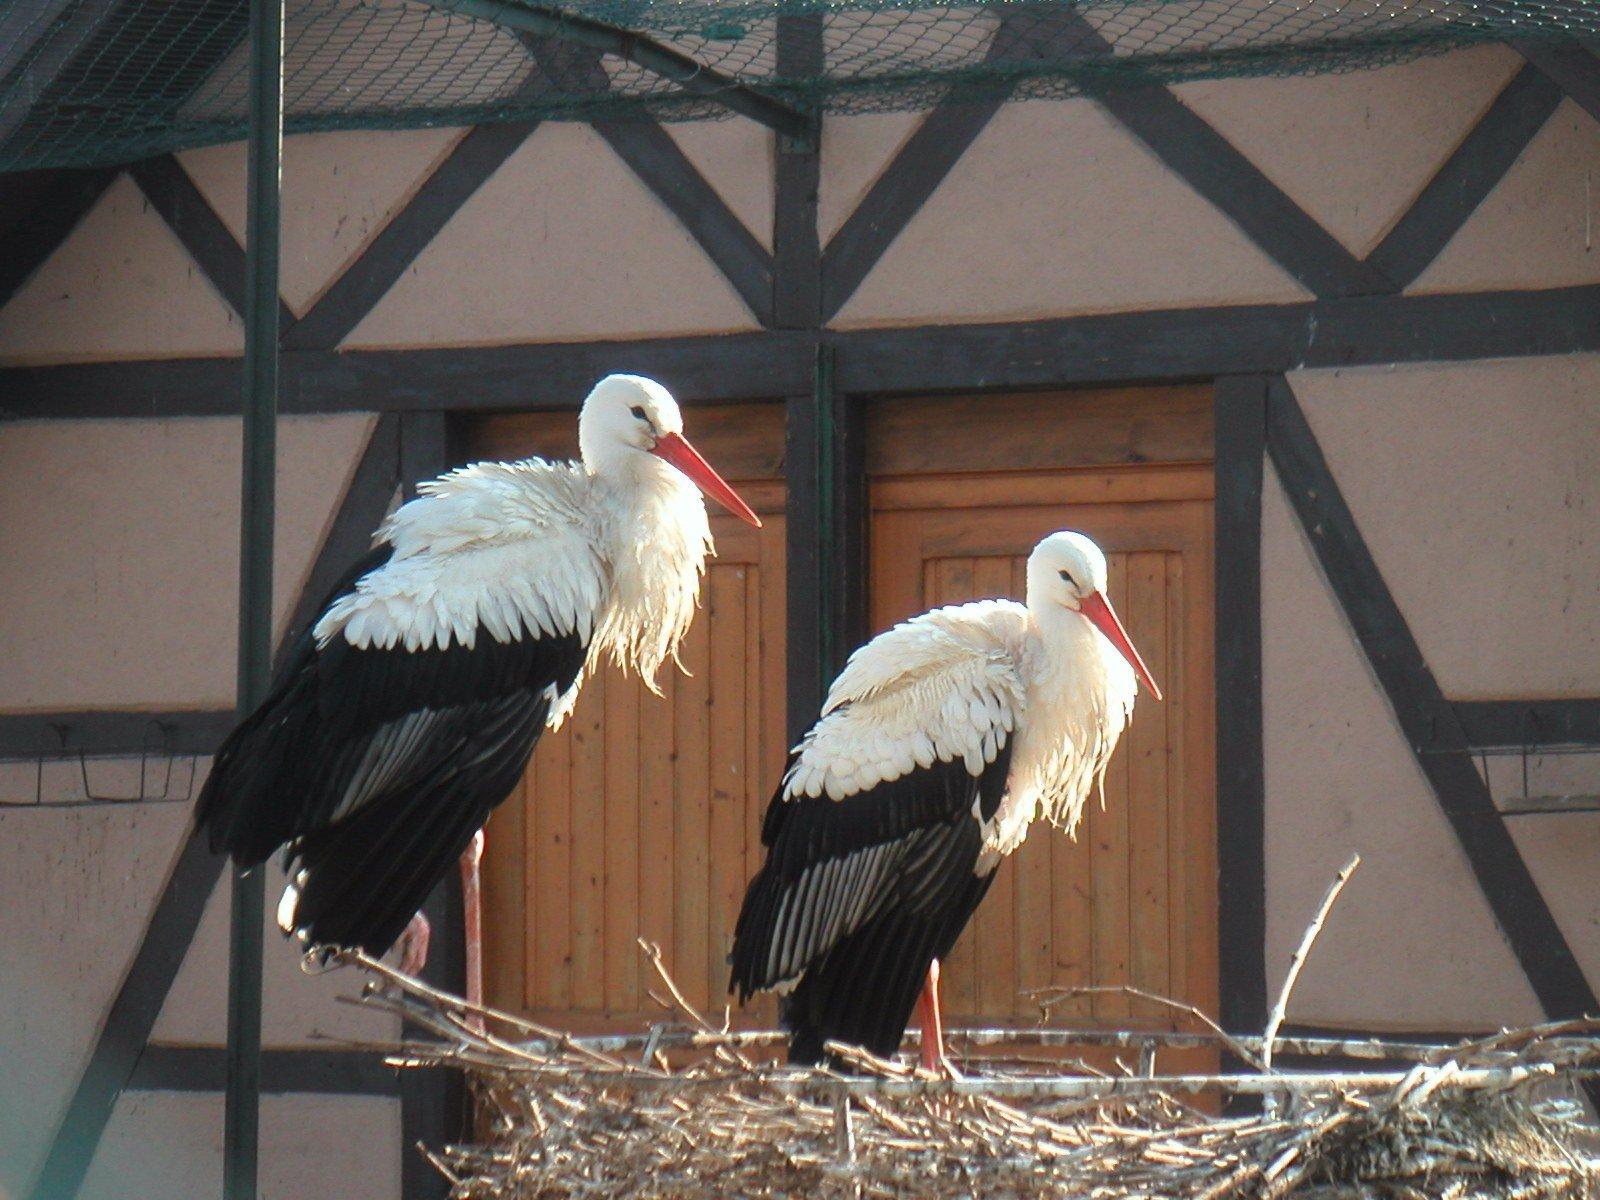 Au-bonheur-apprivoisé-Gîte-Alsace-Eguisheim-route-des-vins-cigognes